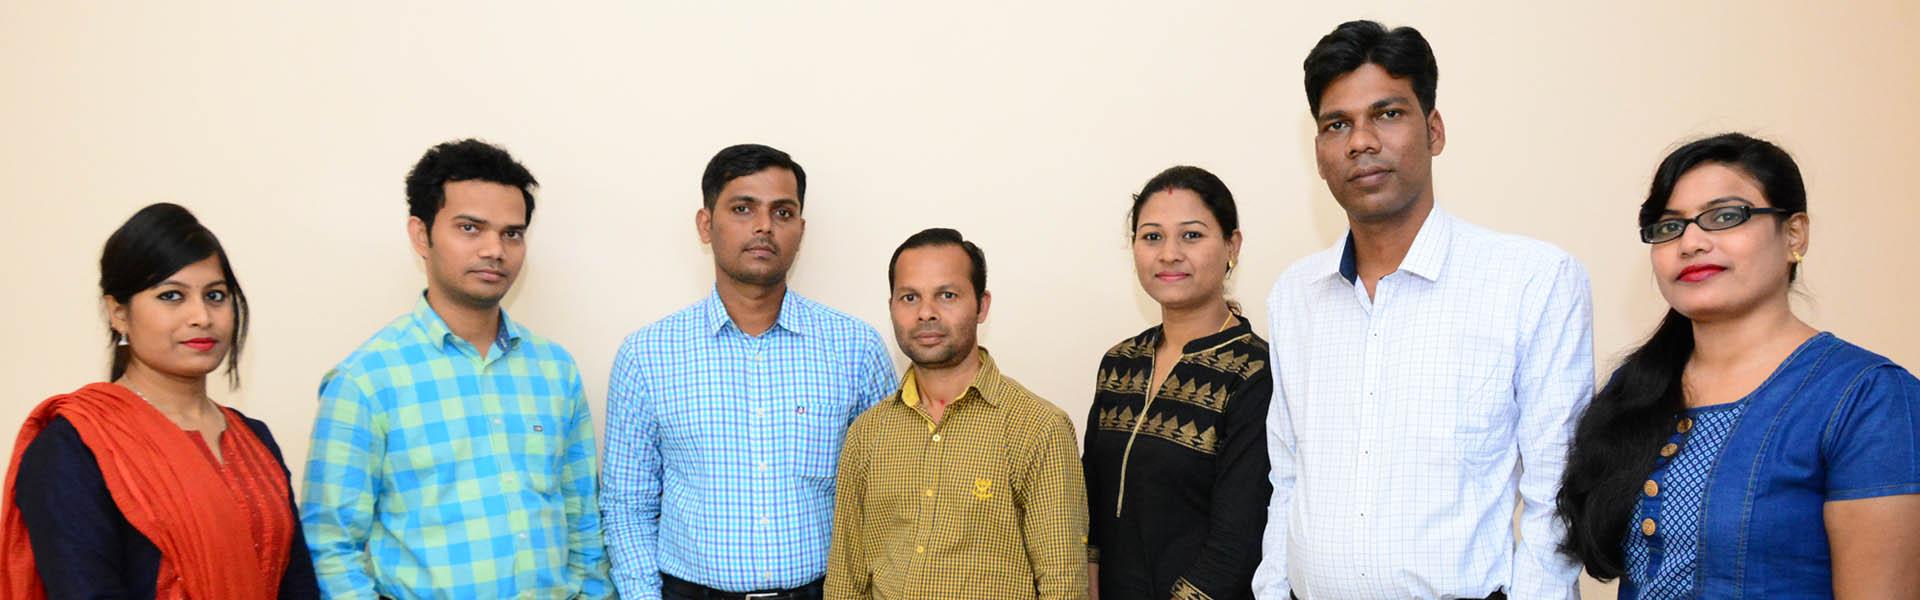 dimari-india-team